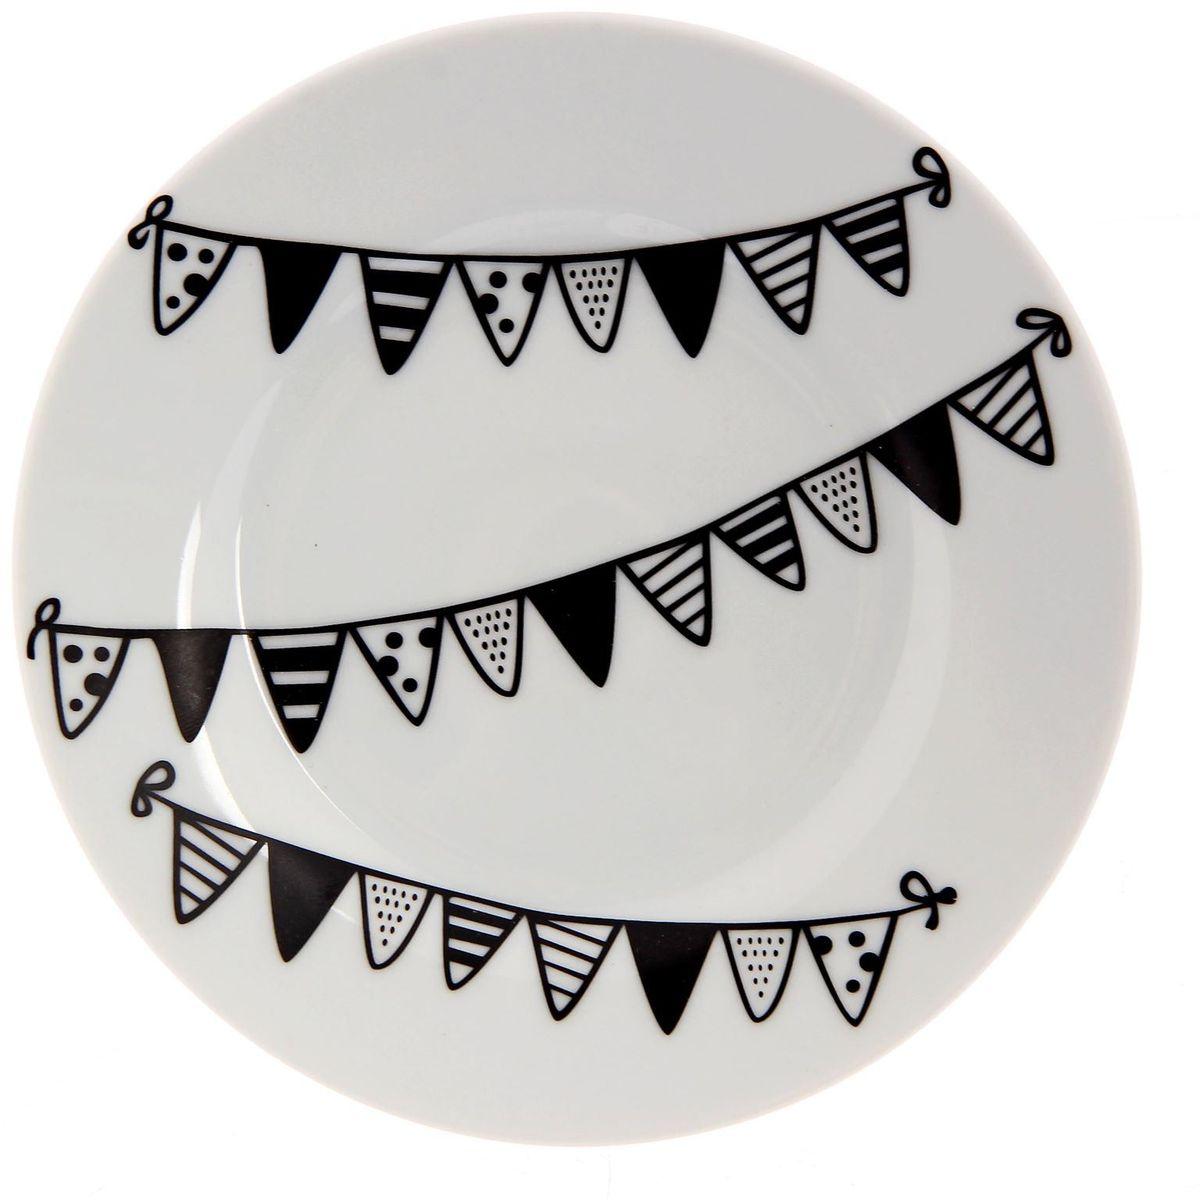 Тарелка мелкая Сотвори чудо Флажки, диаметр 15,5 см115510Хотите обновить интерьер кухни или гостиной? Устраиваете необычную фотосессию или тематический праздник? А может, просто ищете подарок для близкого человека? Посуда Сотвори Чудо — правильный выбор в любой ситуации. Тарелка Сотвори Чудо, изготовленная из изящного фаянса нежного сливочного цвета, оформлена оригинальным рисунком со стойкой краской. Пригодна для посудомоечной машины.